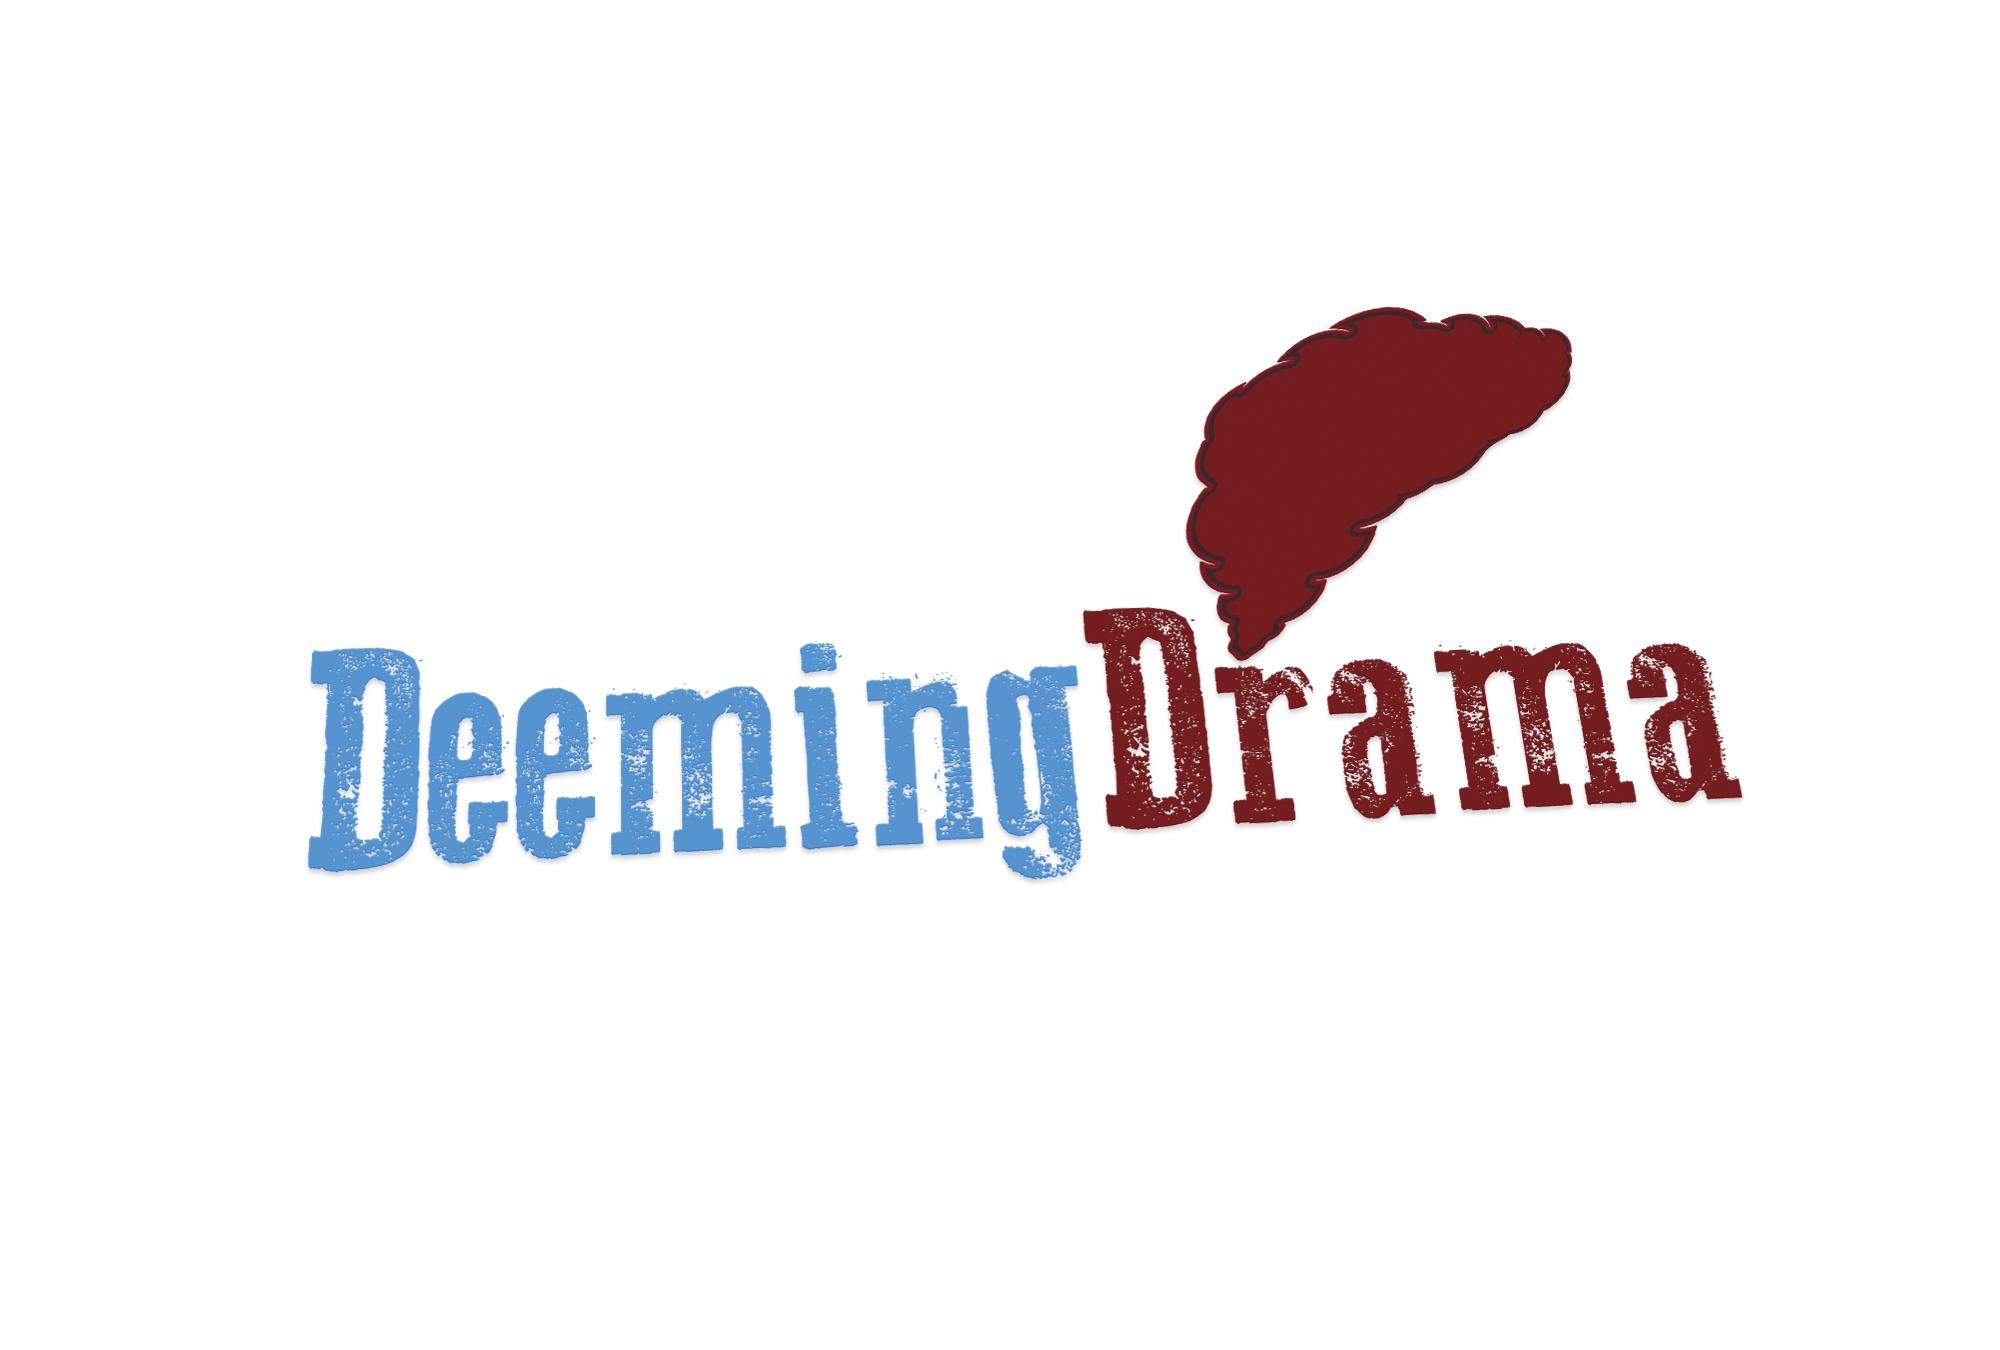 DeemingDrama